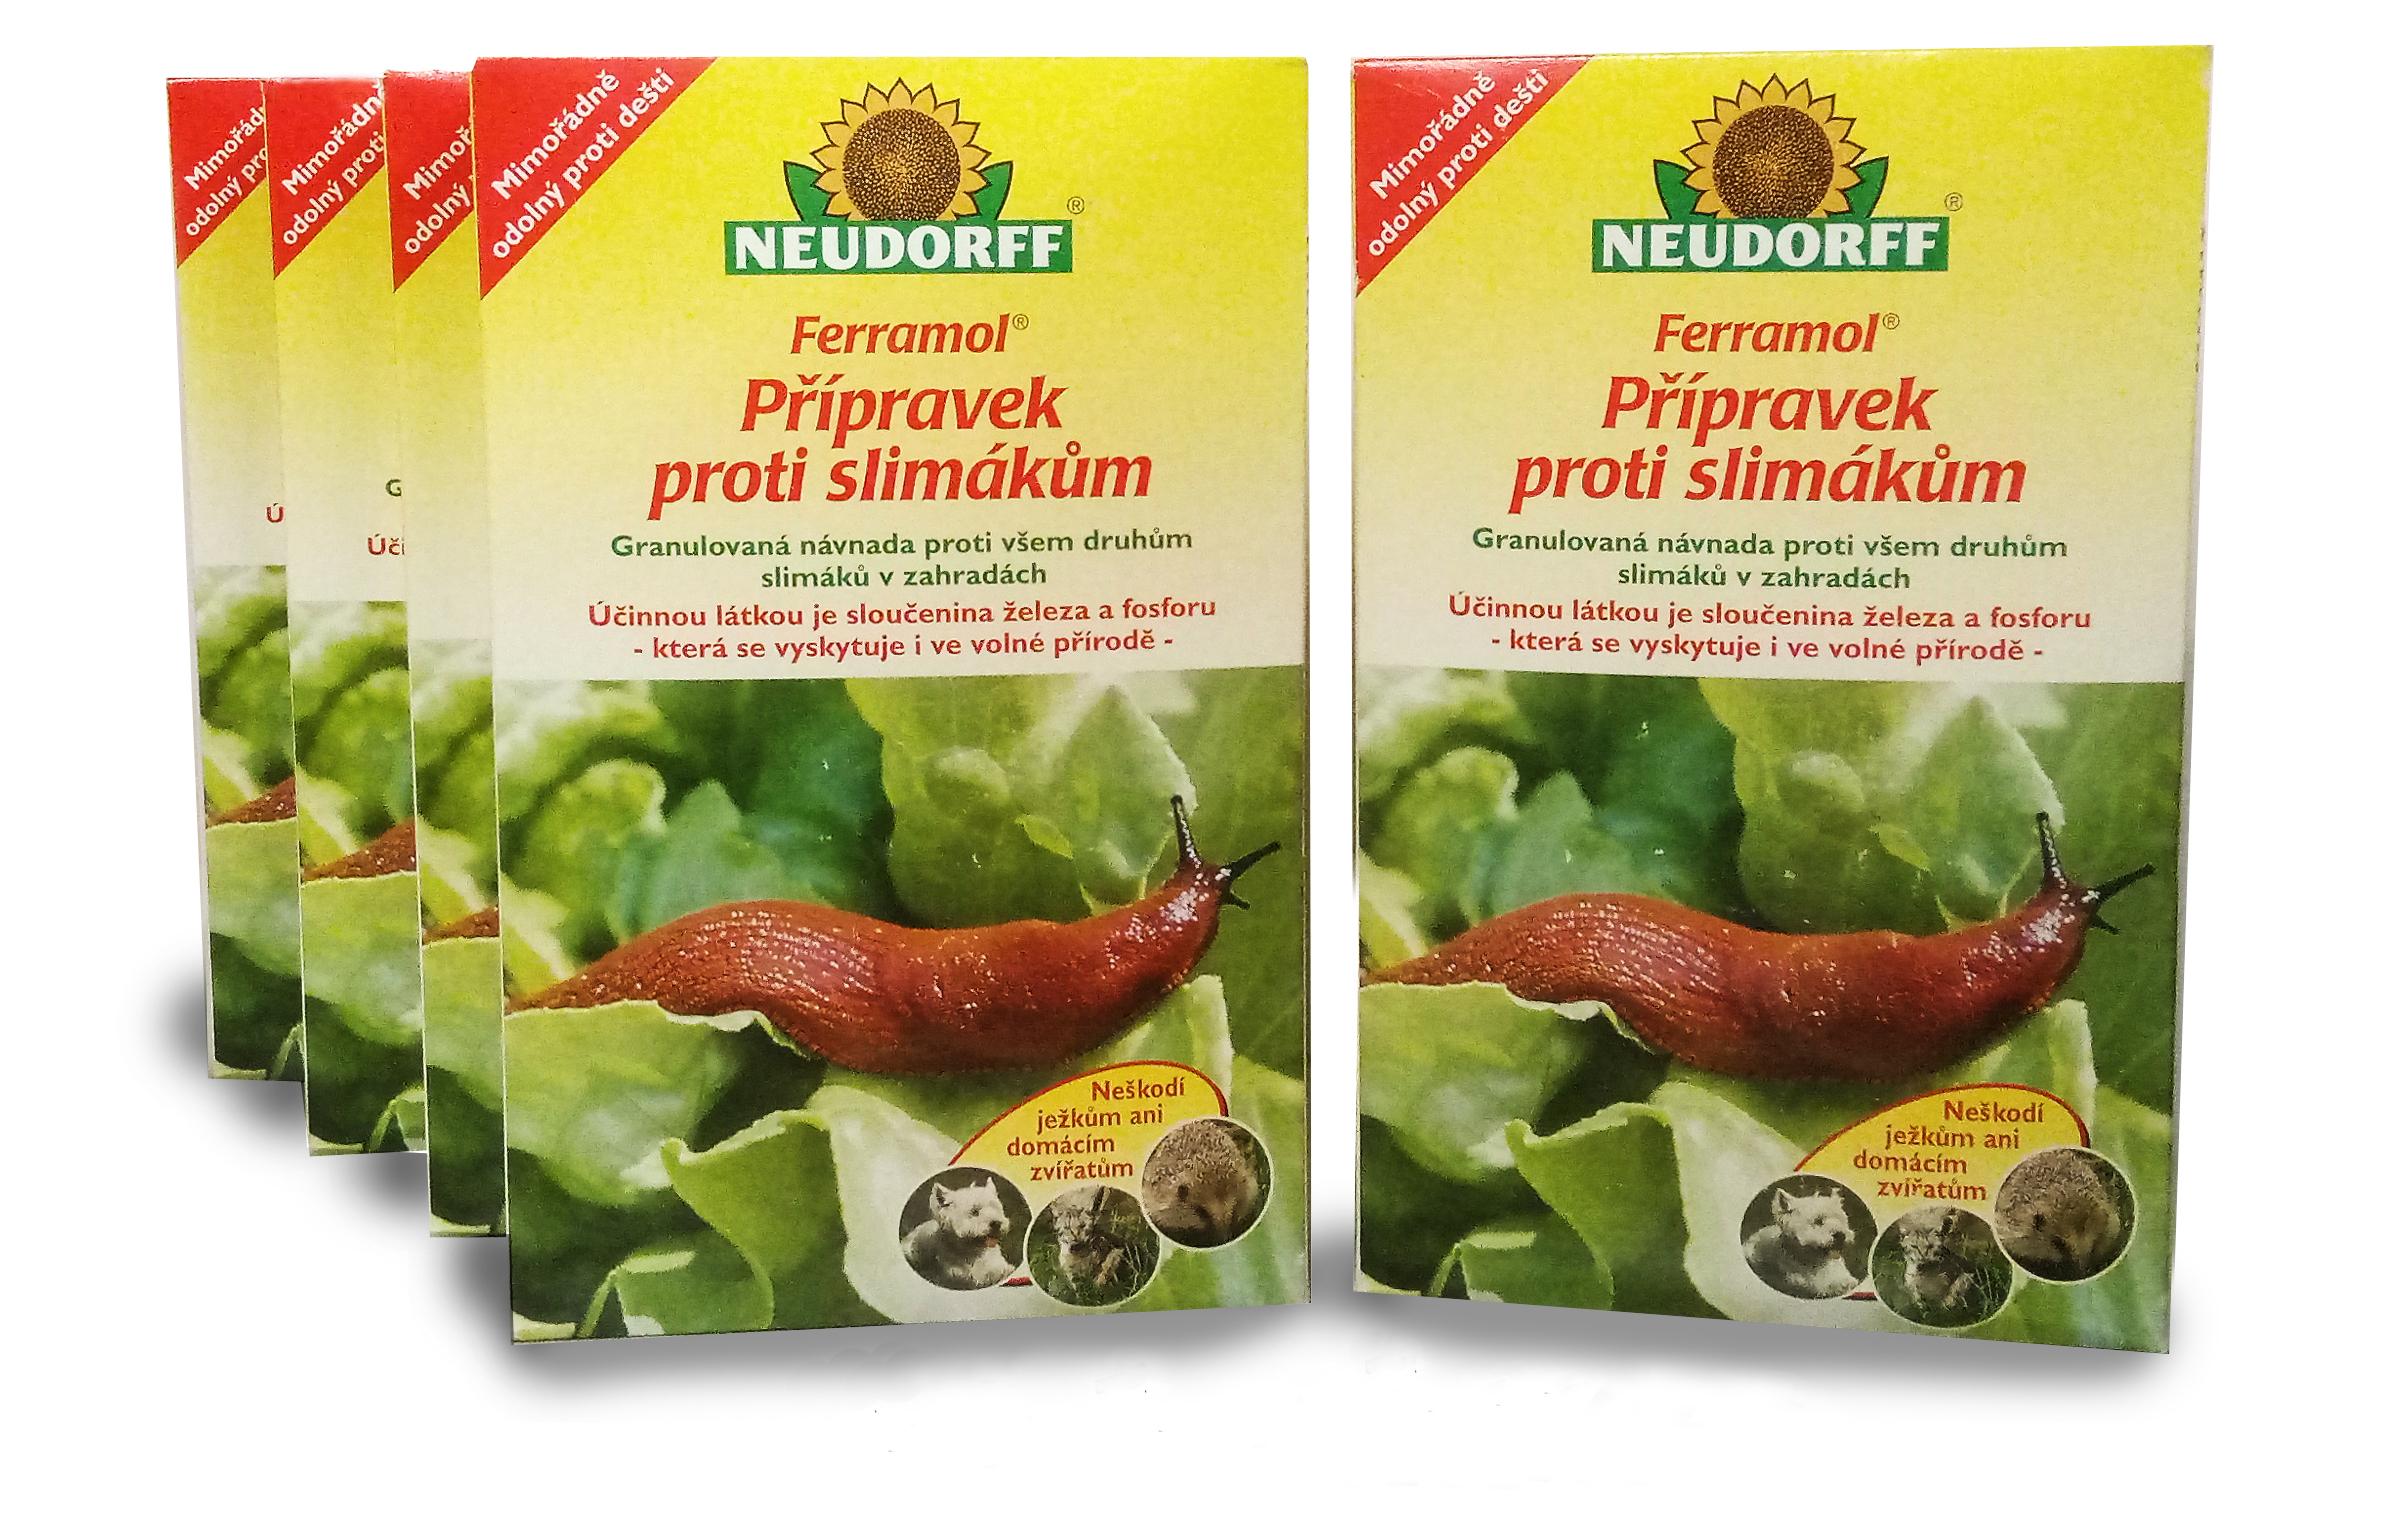 Neudorff Ferramol 5kg - přípravek proti slimákům